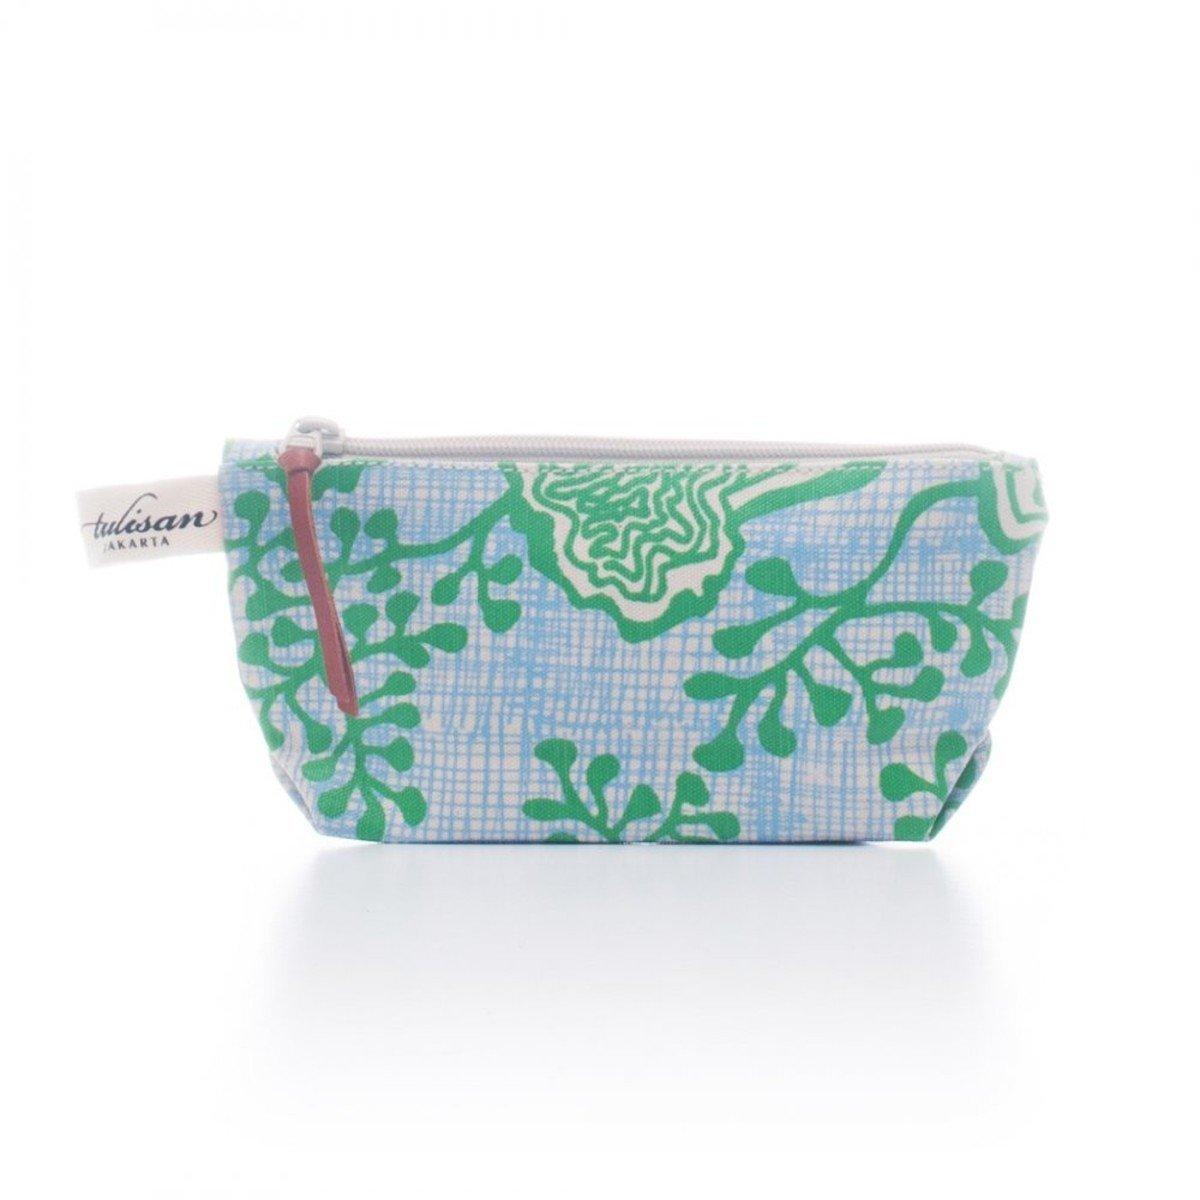 化妝袋 (特小) - Green Grass